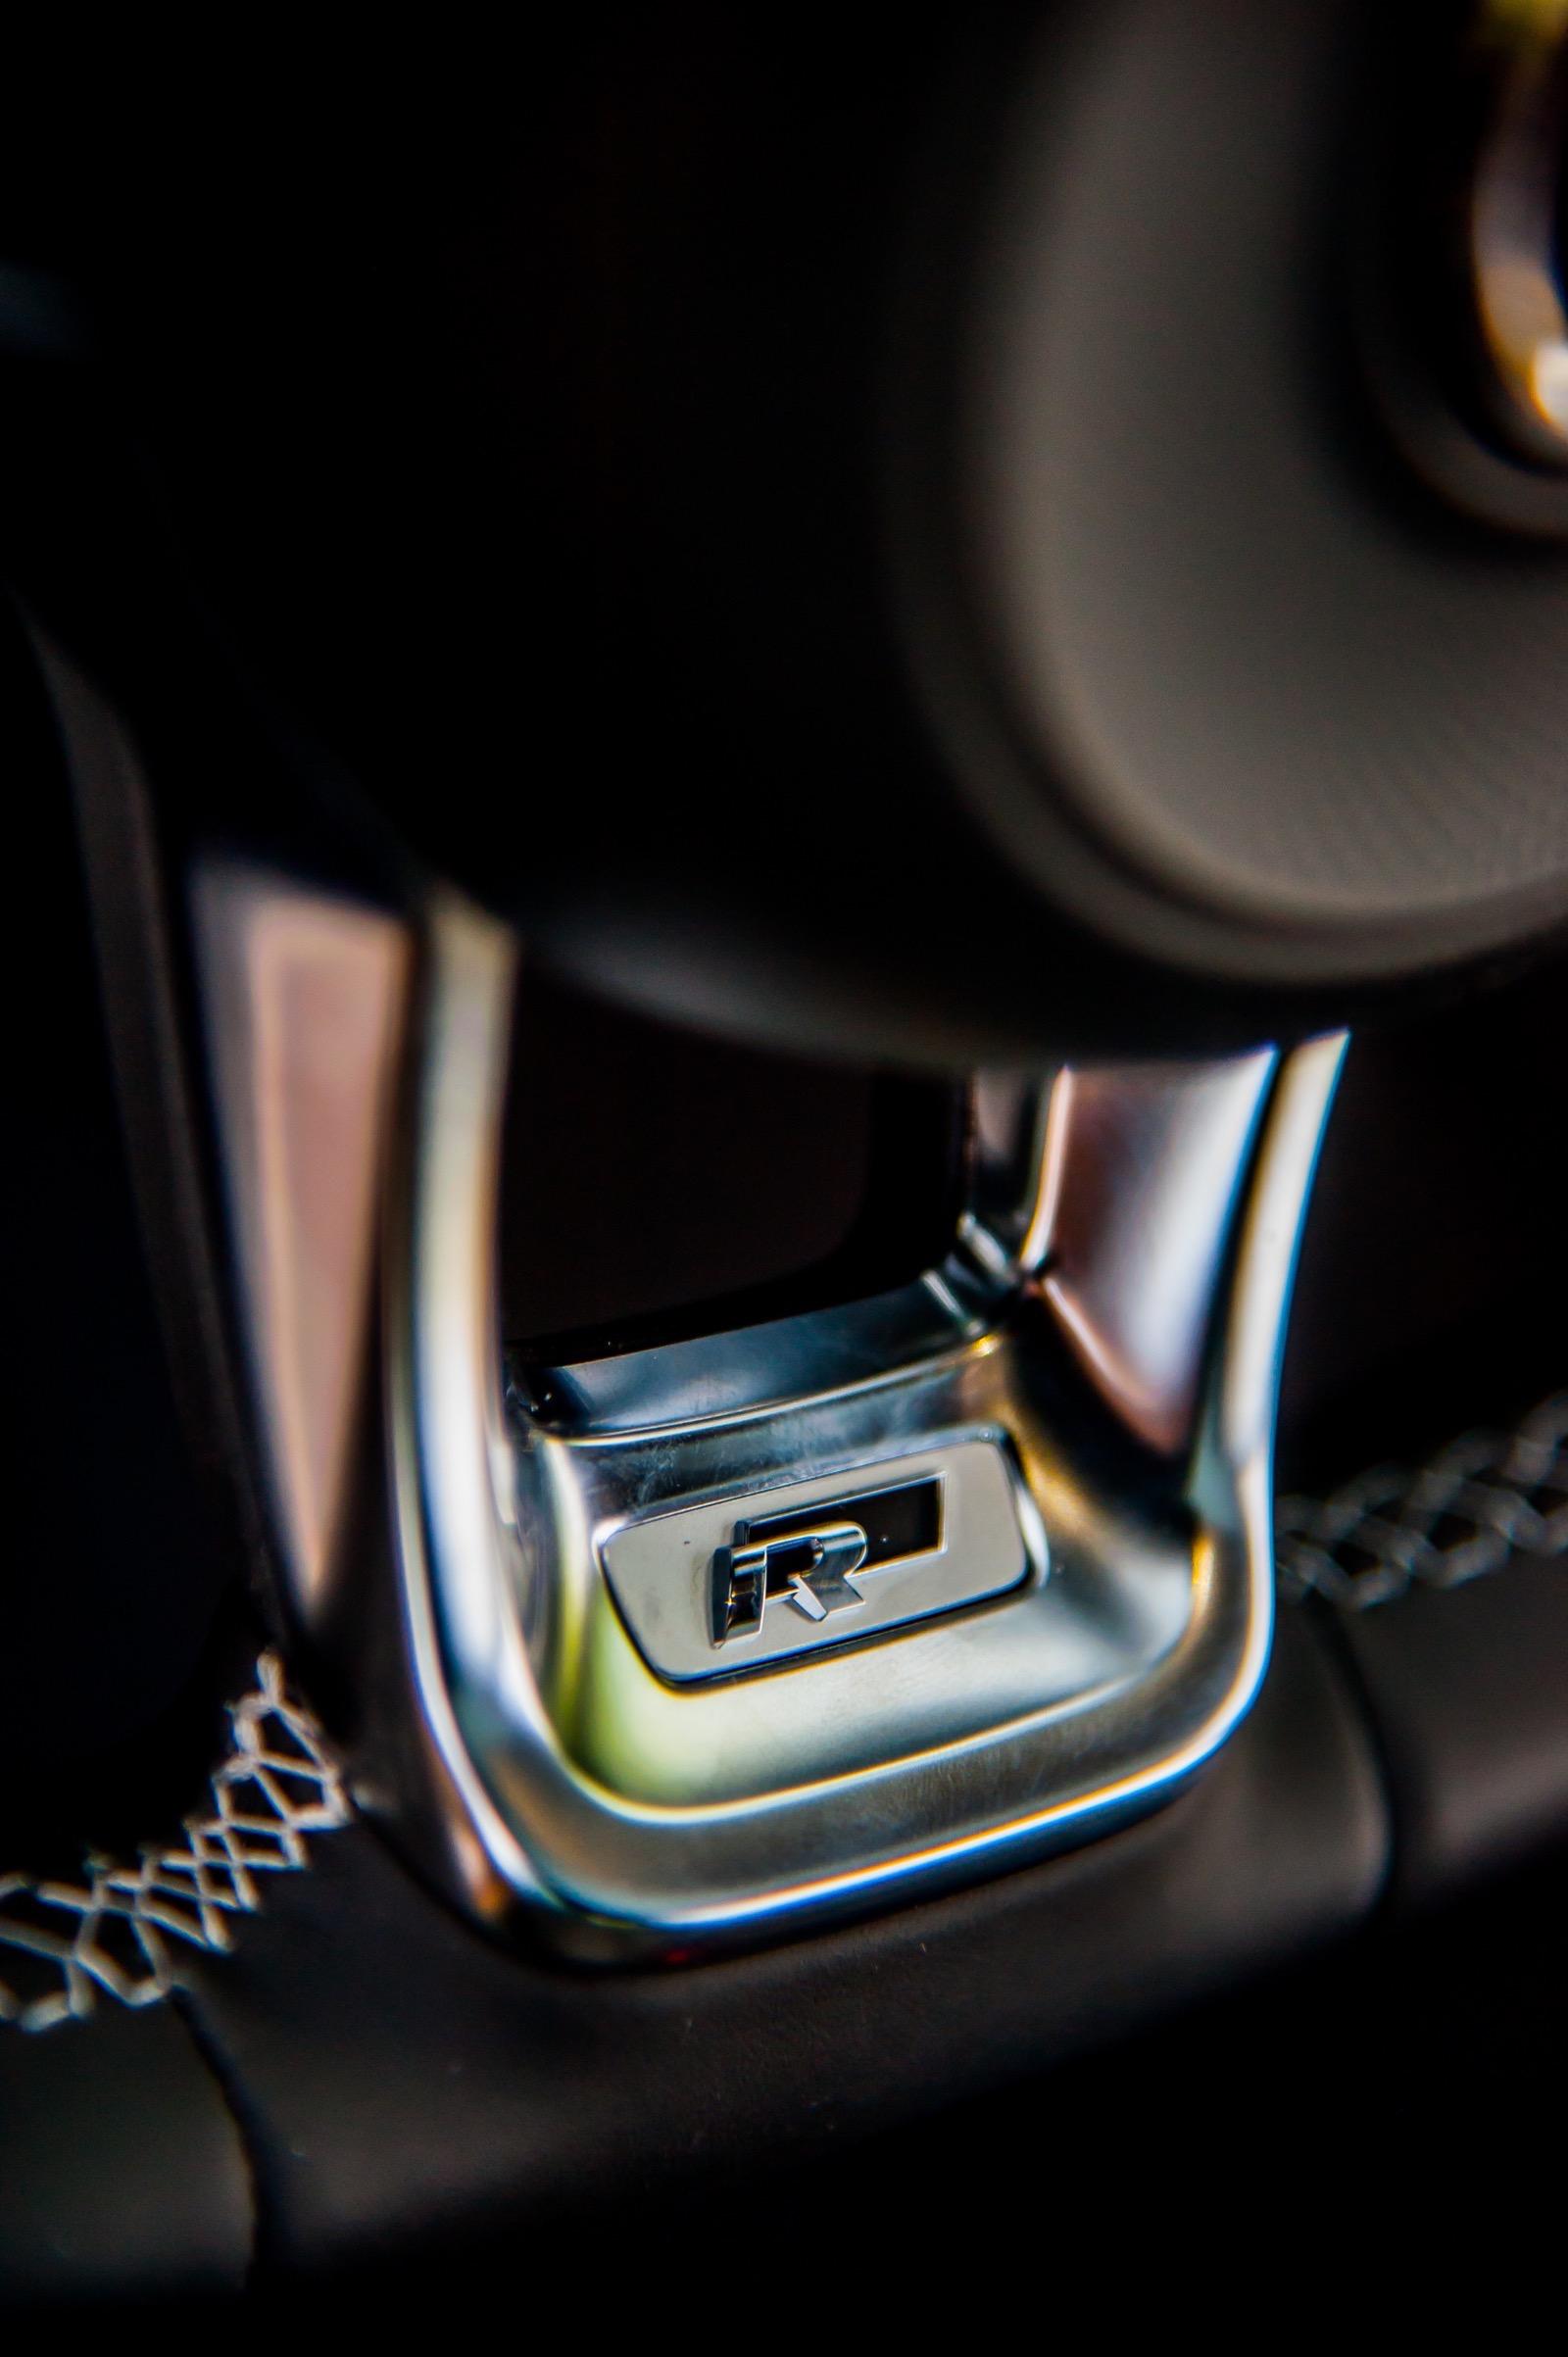 Volkswagen_Arteon_Greek_Presentataion_39